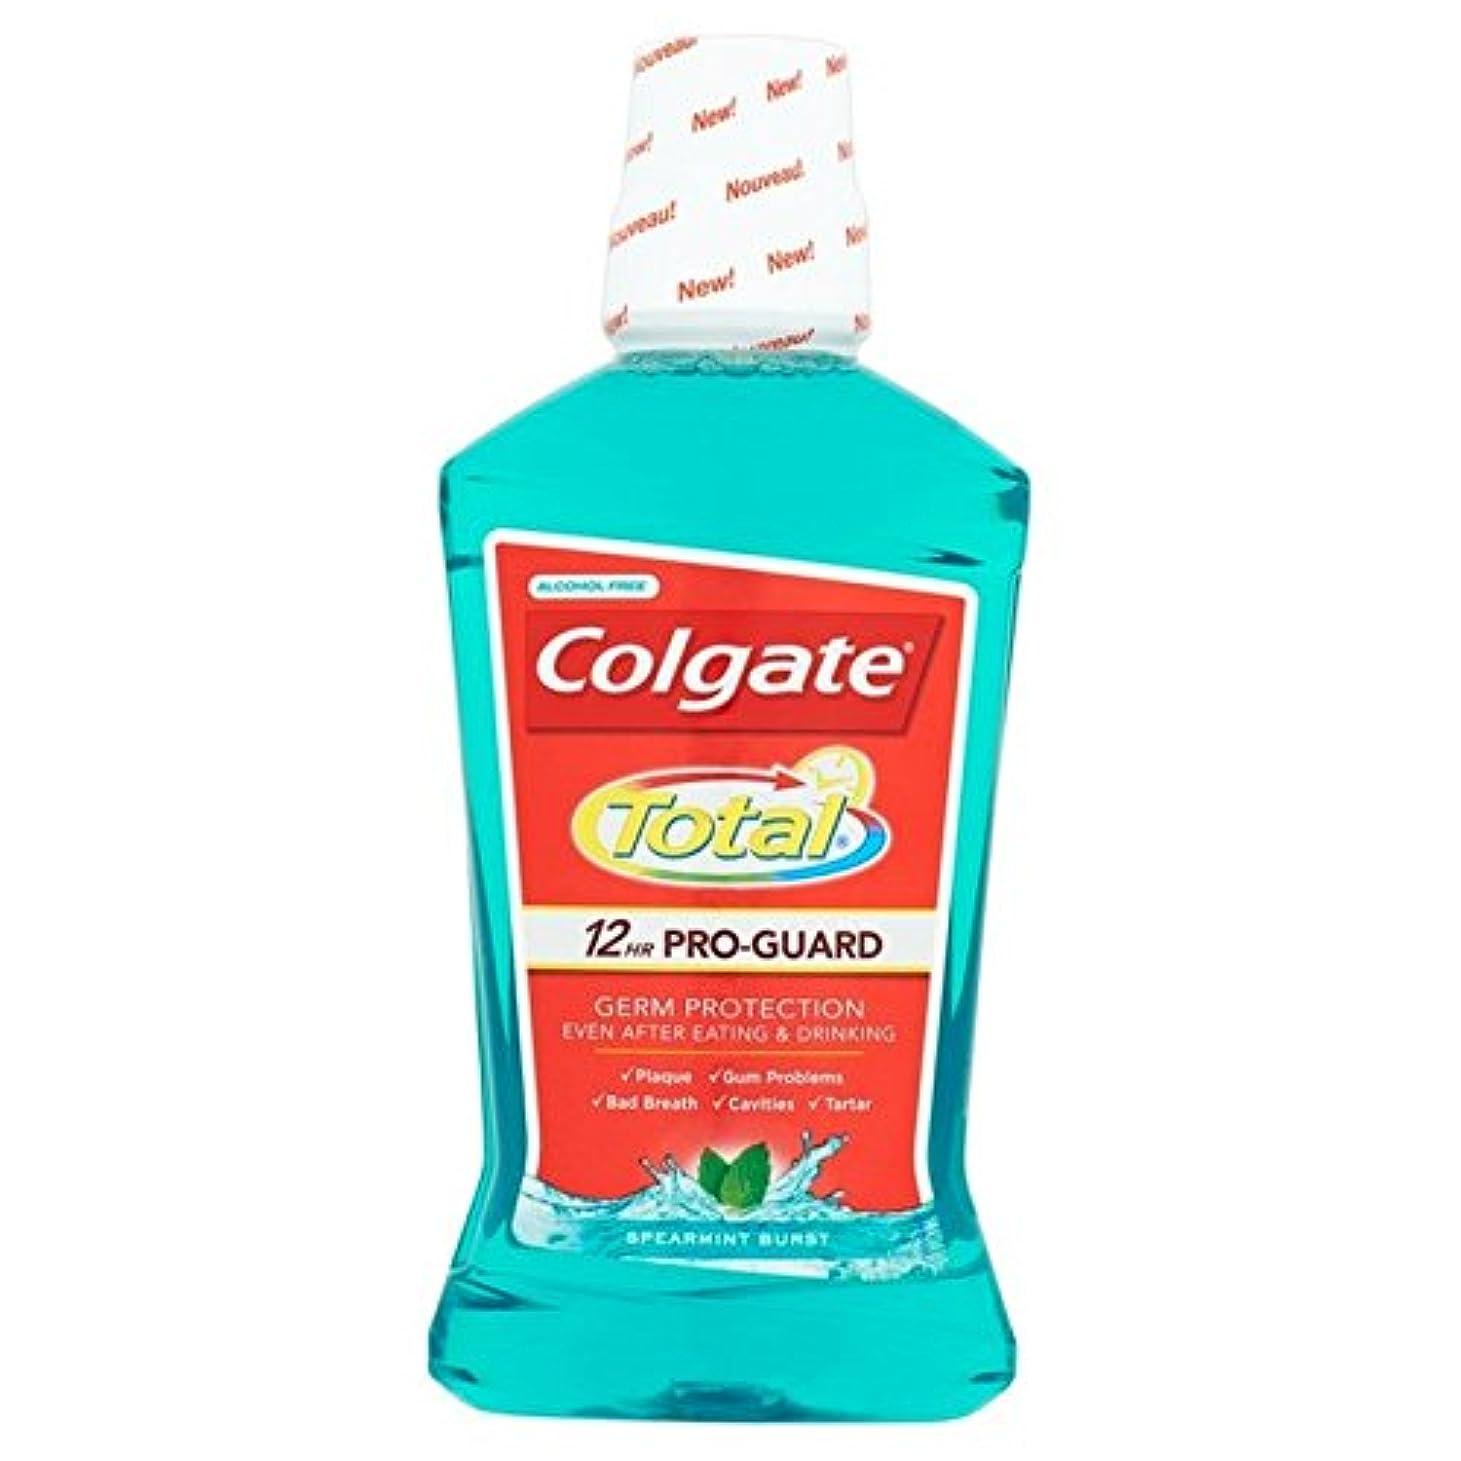 魂いらいらさせるタックルコルゲートトータル先進的な緑色のマウスウォッシュ500ミリリットル500ミリリットル x2 - Colgate Total Advanced Green Mouthwash 500ml 500ml (Pack of 2)...